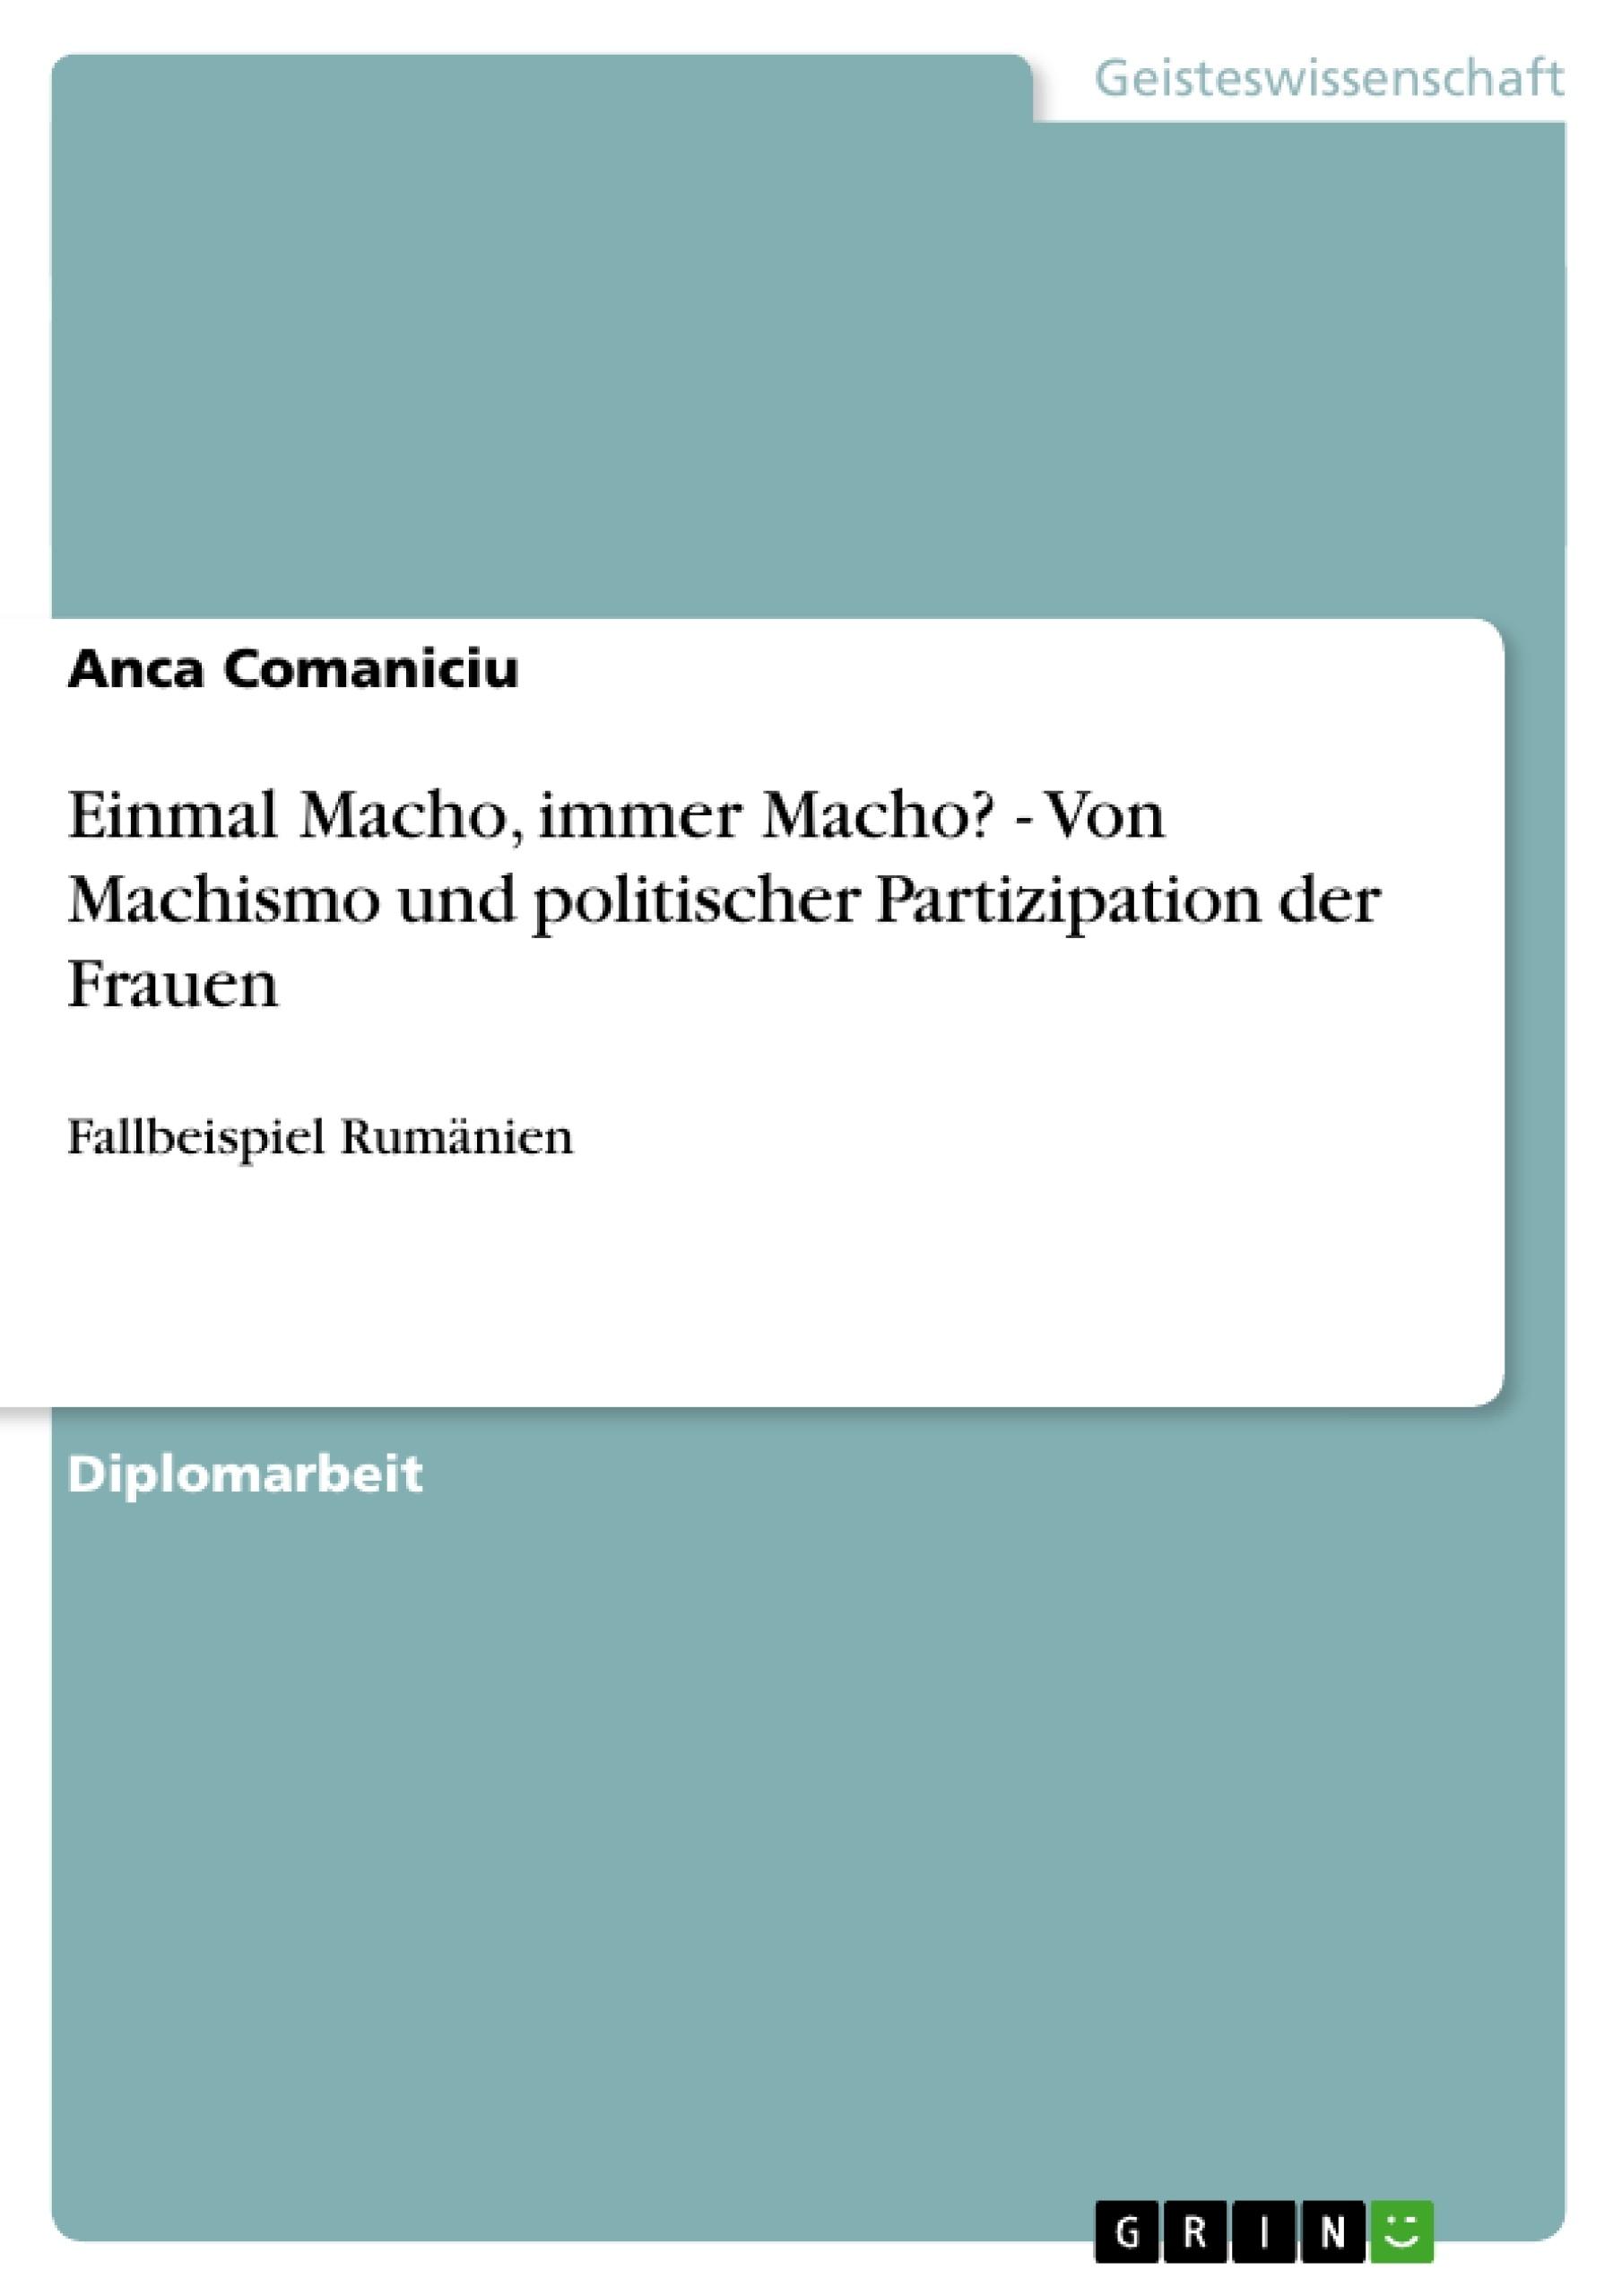 Titel: Einmal Macho, immer Macho? - Von Machismo und politischer Partizipation der Frauen